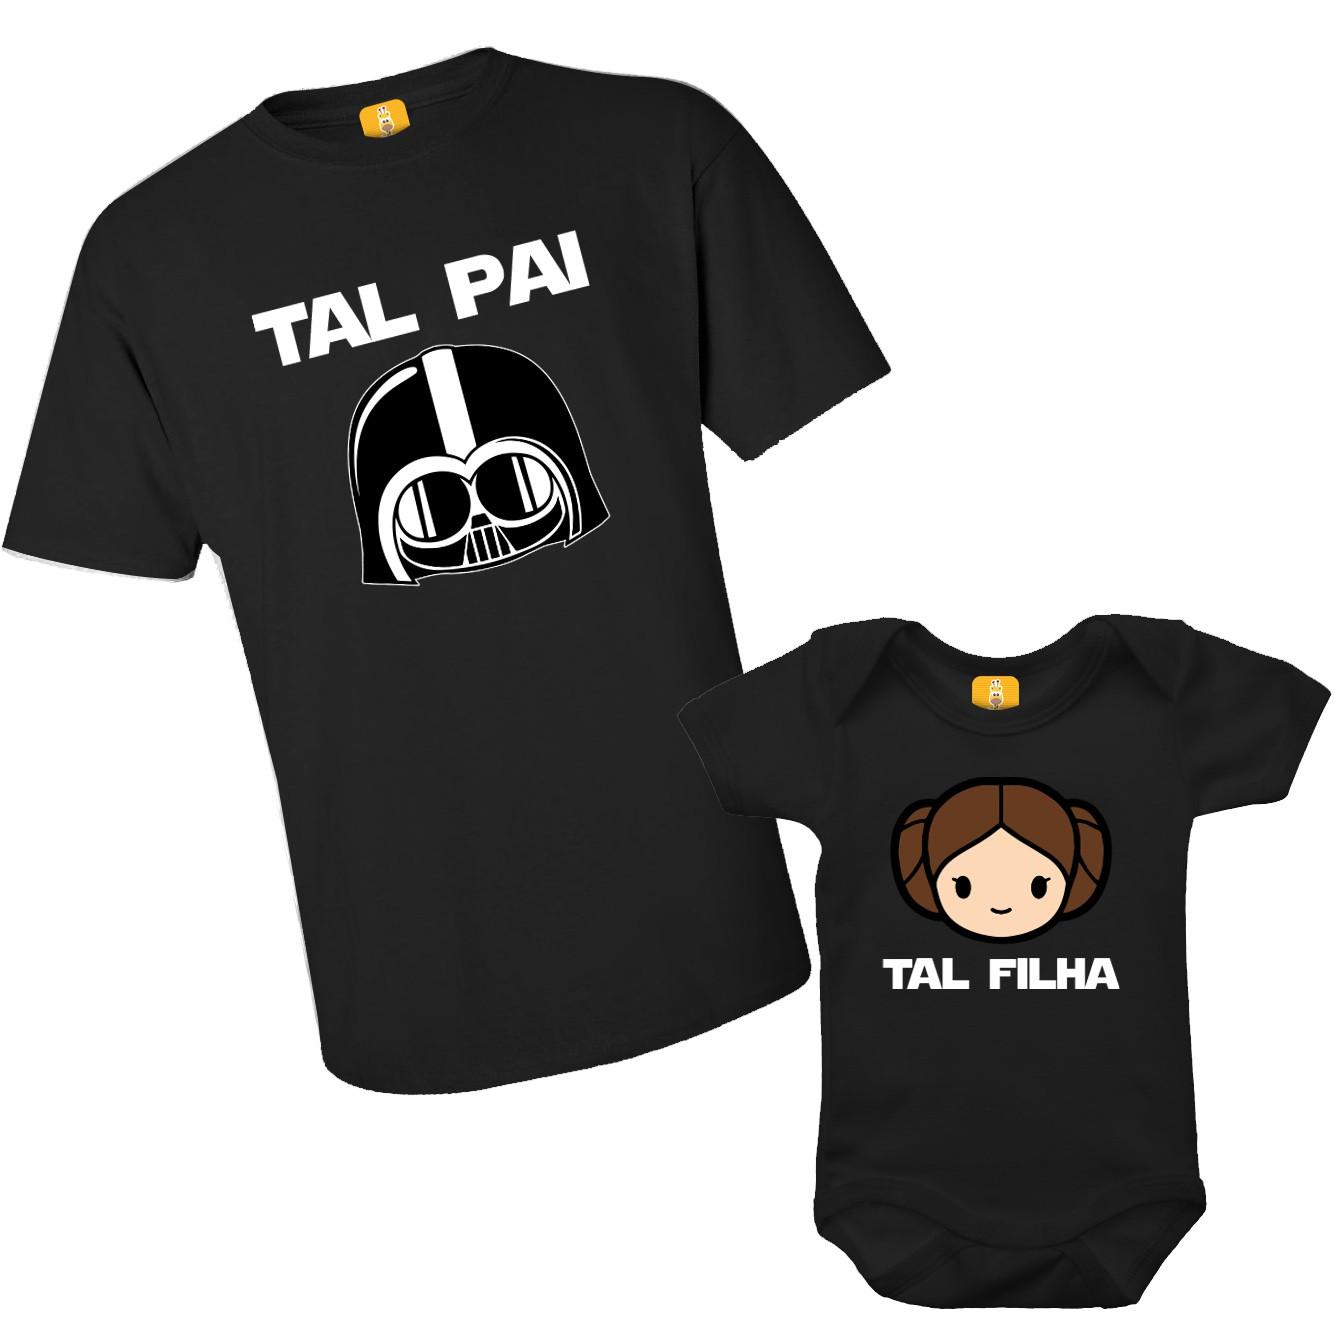 Kit camiseta Star Wars Tal Pai Tal Filho